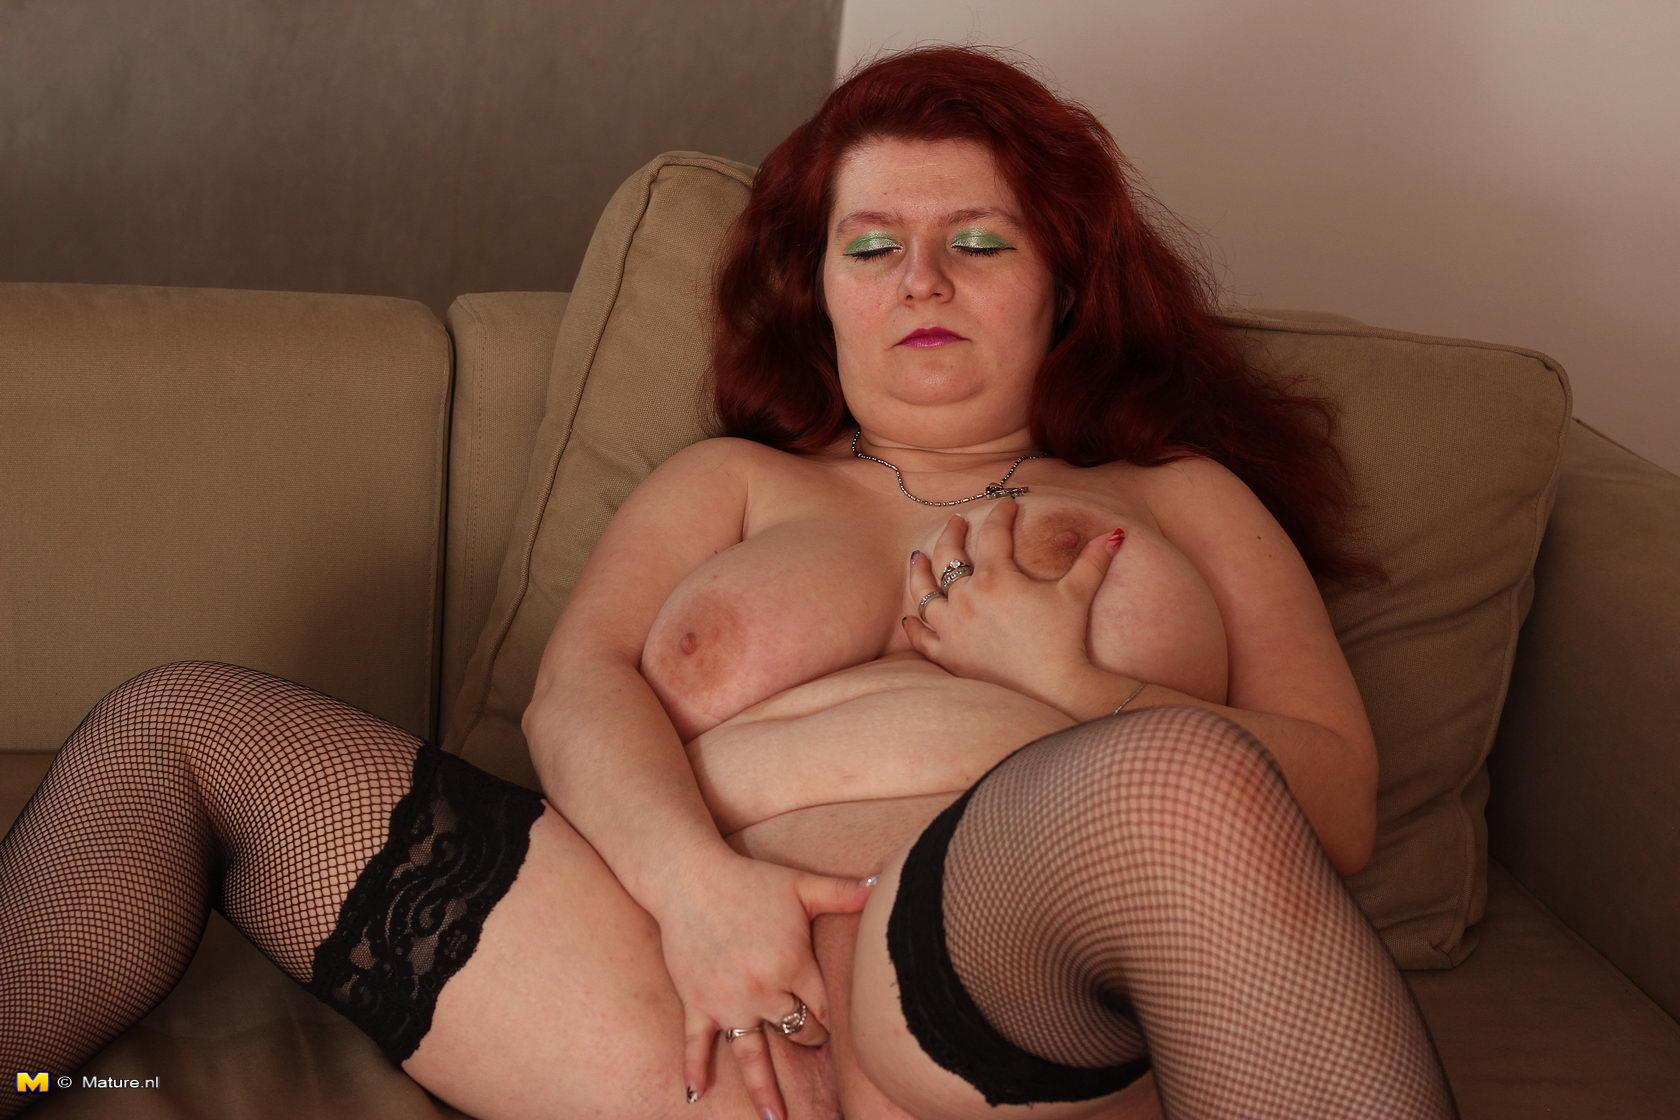 naked large breasted slut